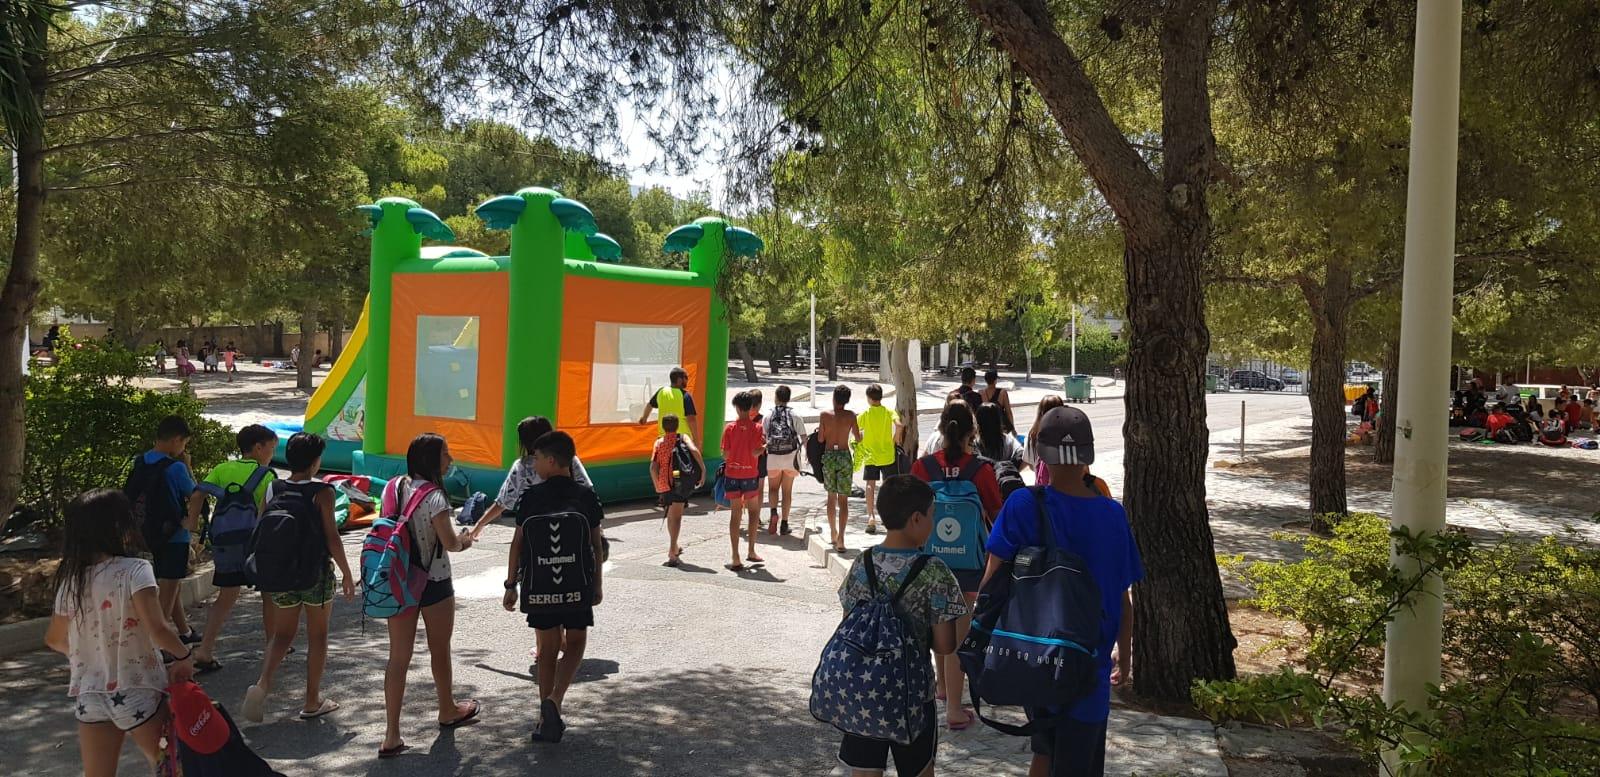 Finaliza el primer turno de la Escuela Municipal de Verano con una fiesta para los 300 niños que han participado.